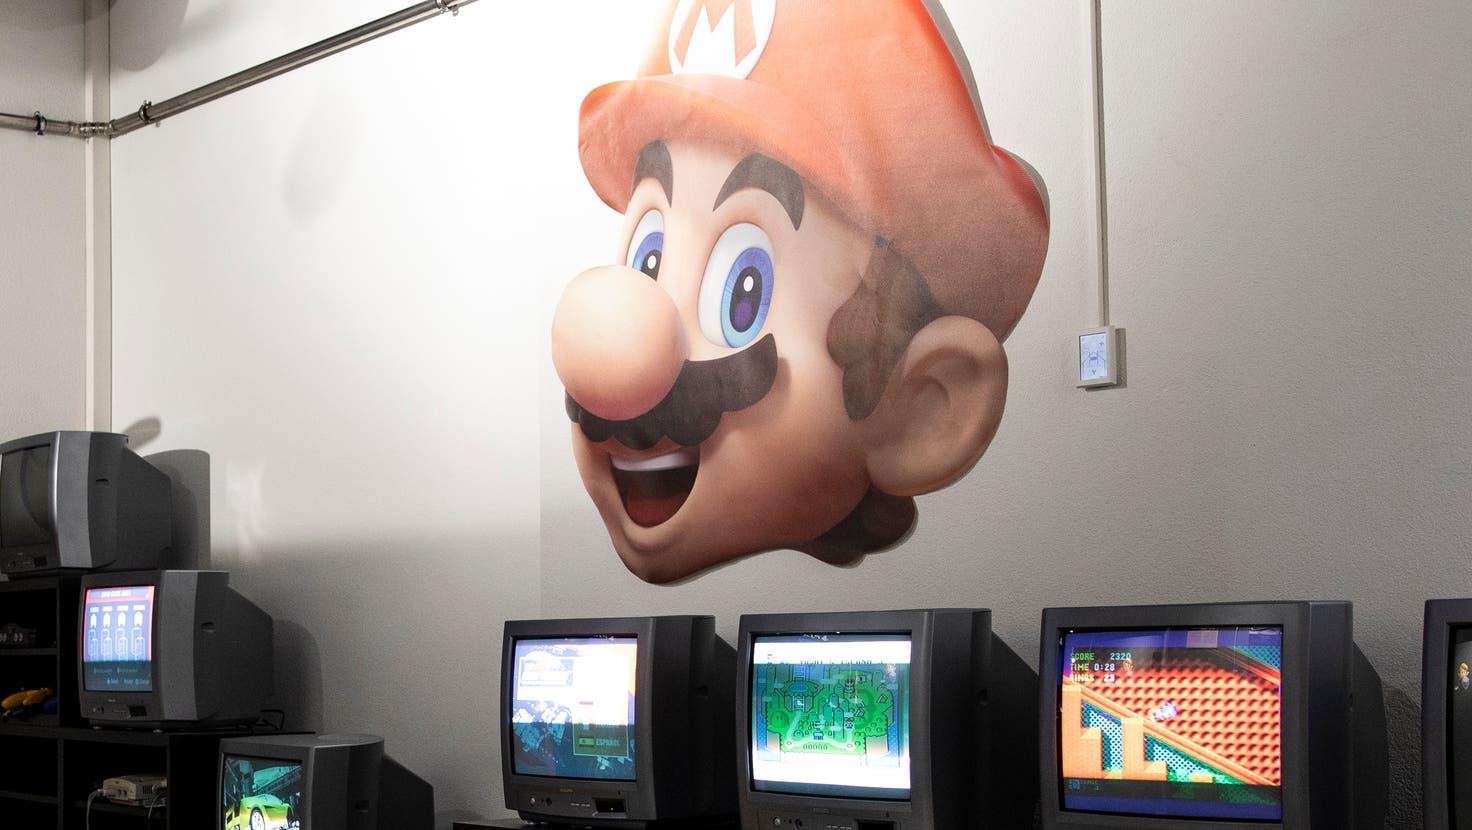 Mit Nintendo und Super Mario fing es 1985 an. Inzwischen sind in der virtuellen Welt Tausende von Spielen erhältlich. Ihr Suchtpotenzial ist beträchtlich. (Manuela Jans-Koch)